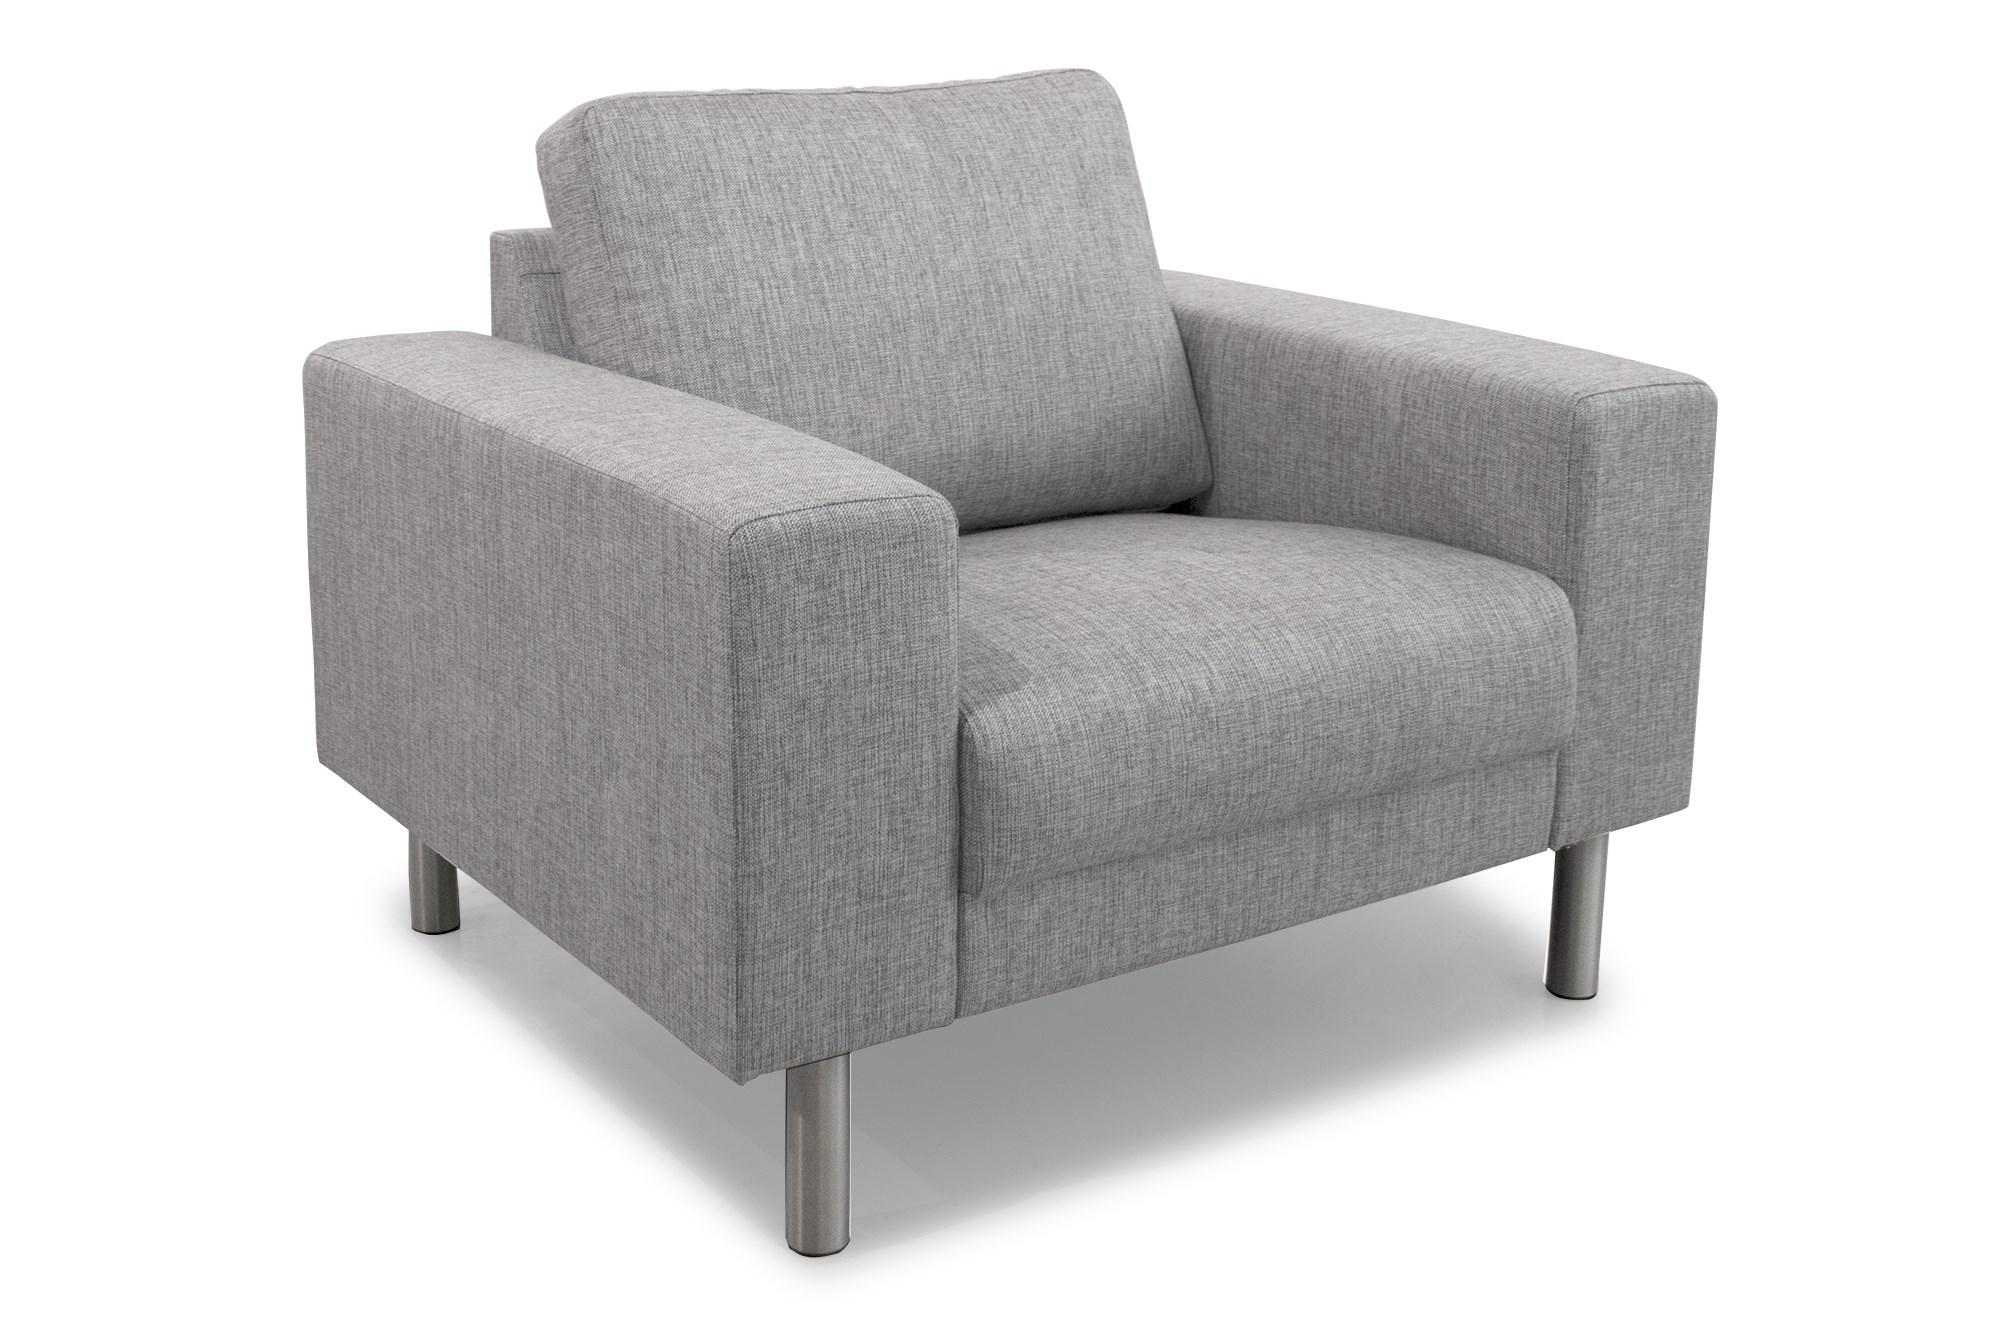 Lænestole | Find billige lænestole her My Home Møbler